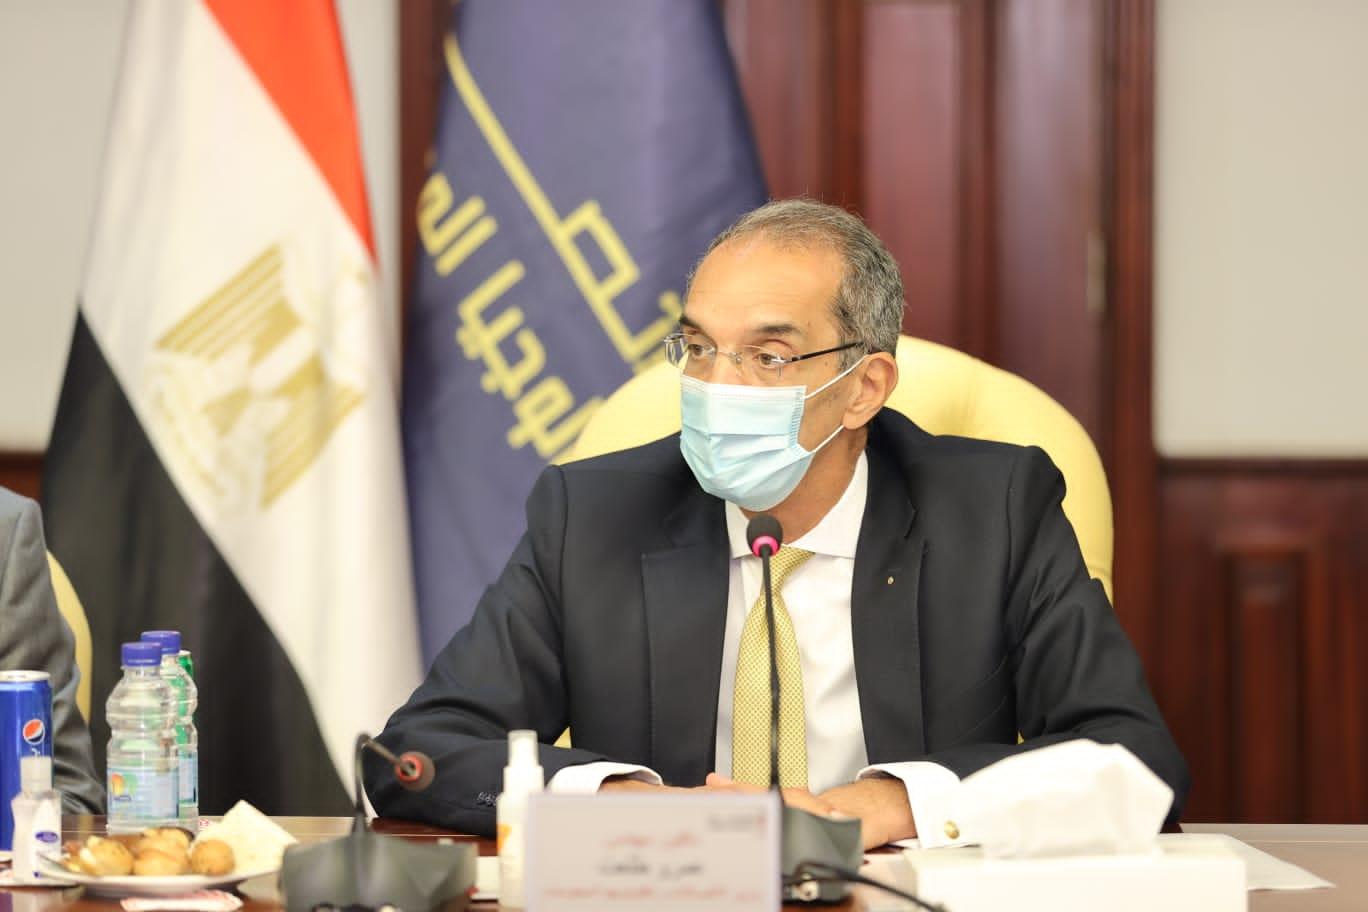 وزير الاتصالات يستعرض موقف  مستقبلنا رقمي  وتنفيذ  مدينة المعرفة  بالعاصمة الإدارية